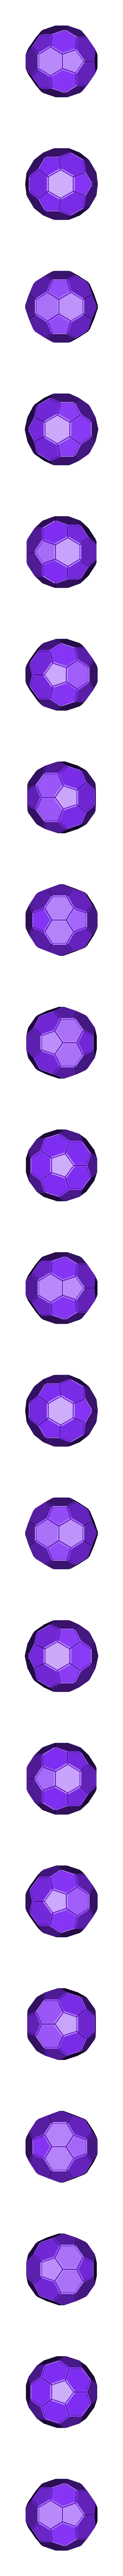 Soccer-Ball.stl Télécharger fichier STL gratuit Ballon de football • Design pour impression 3D, quangdo1700